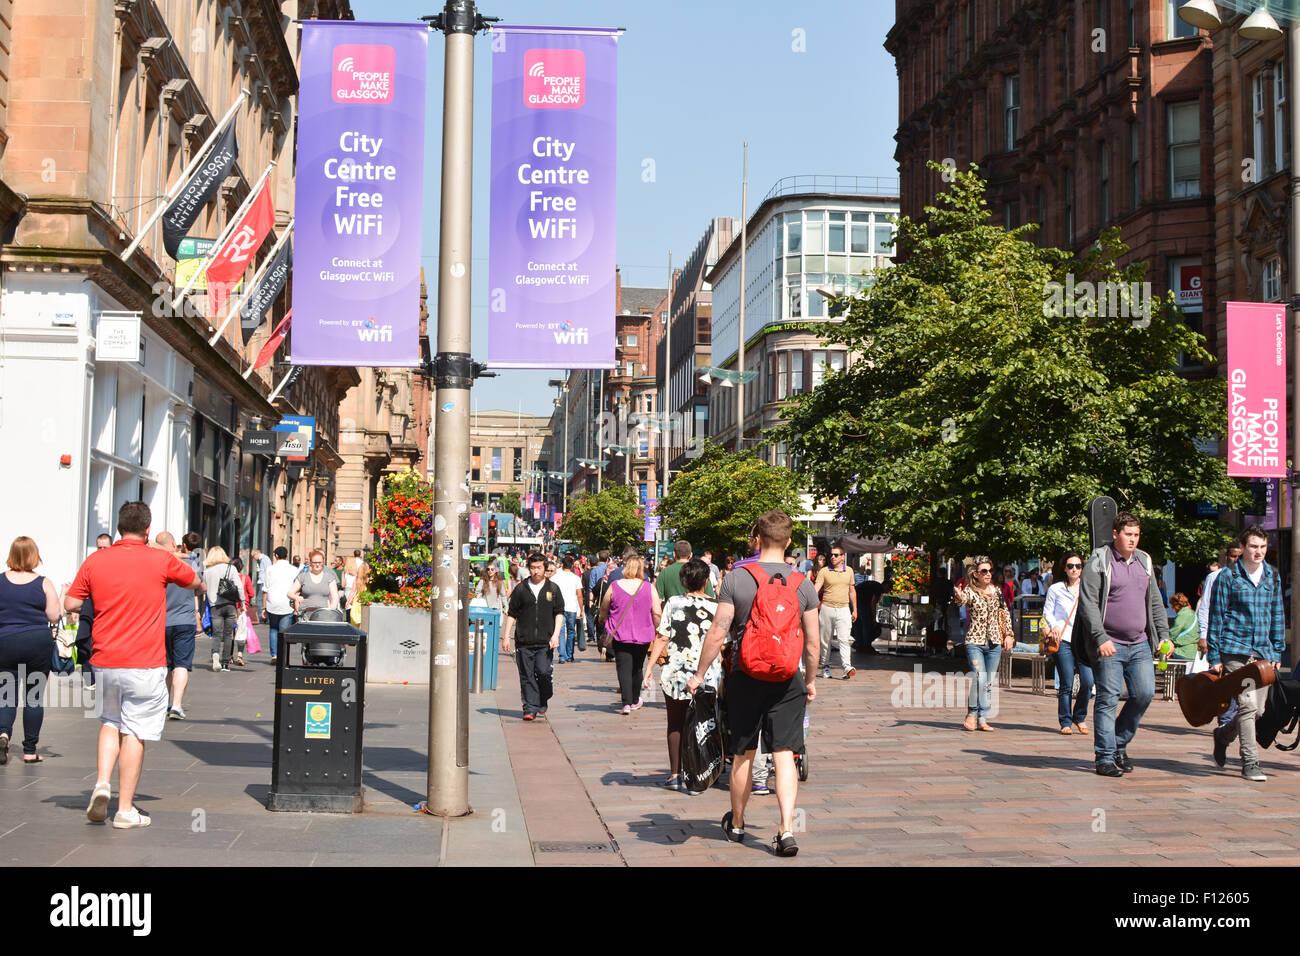 Los compradores y wifi gratis en Buchanan Street, Glasgow, Reino Unido Imagen De Stock